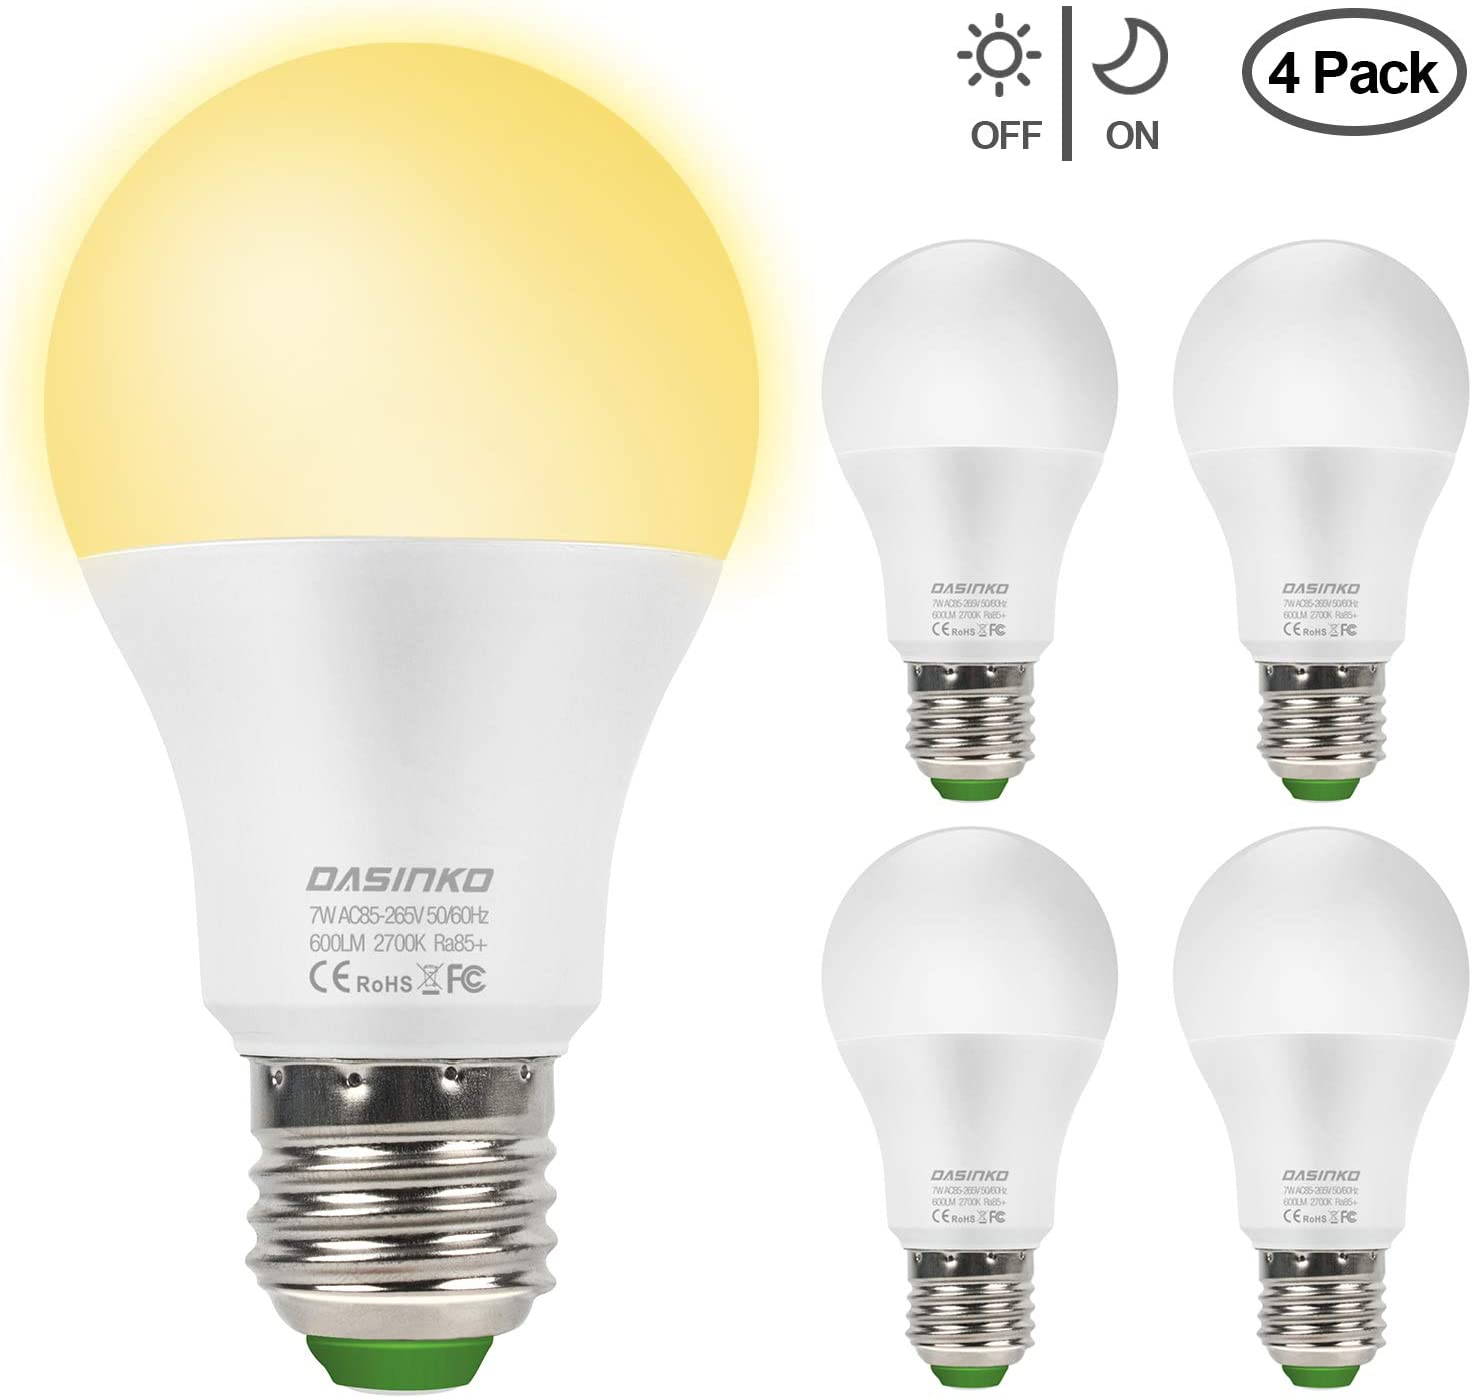 LED Glühbirne mit Lichtsensor - Energiesparlampen